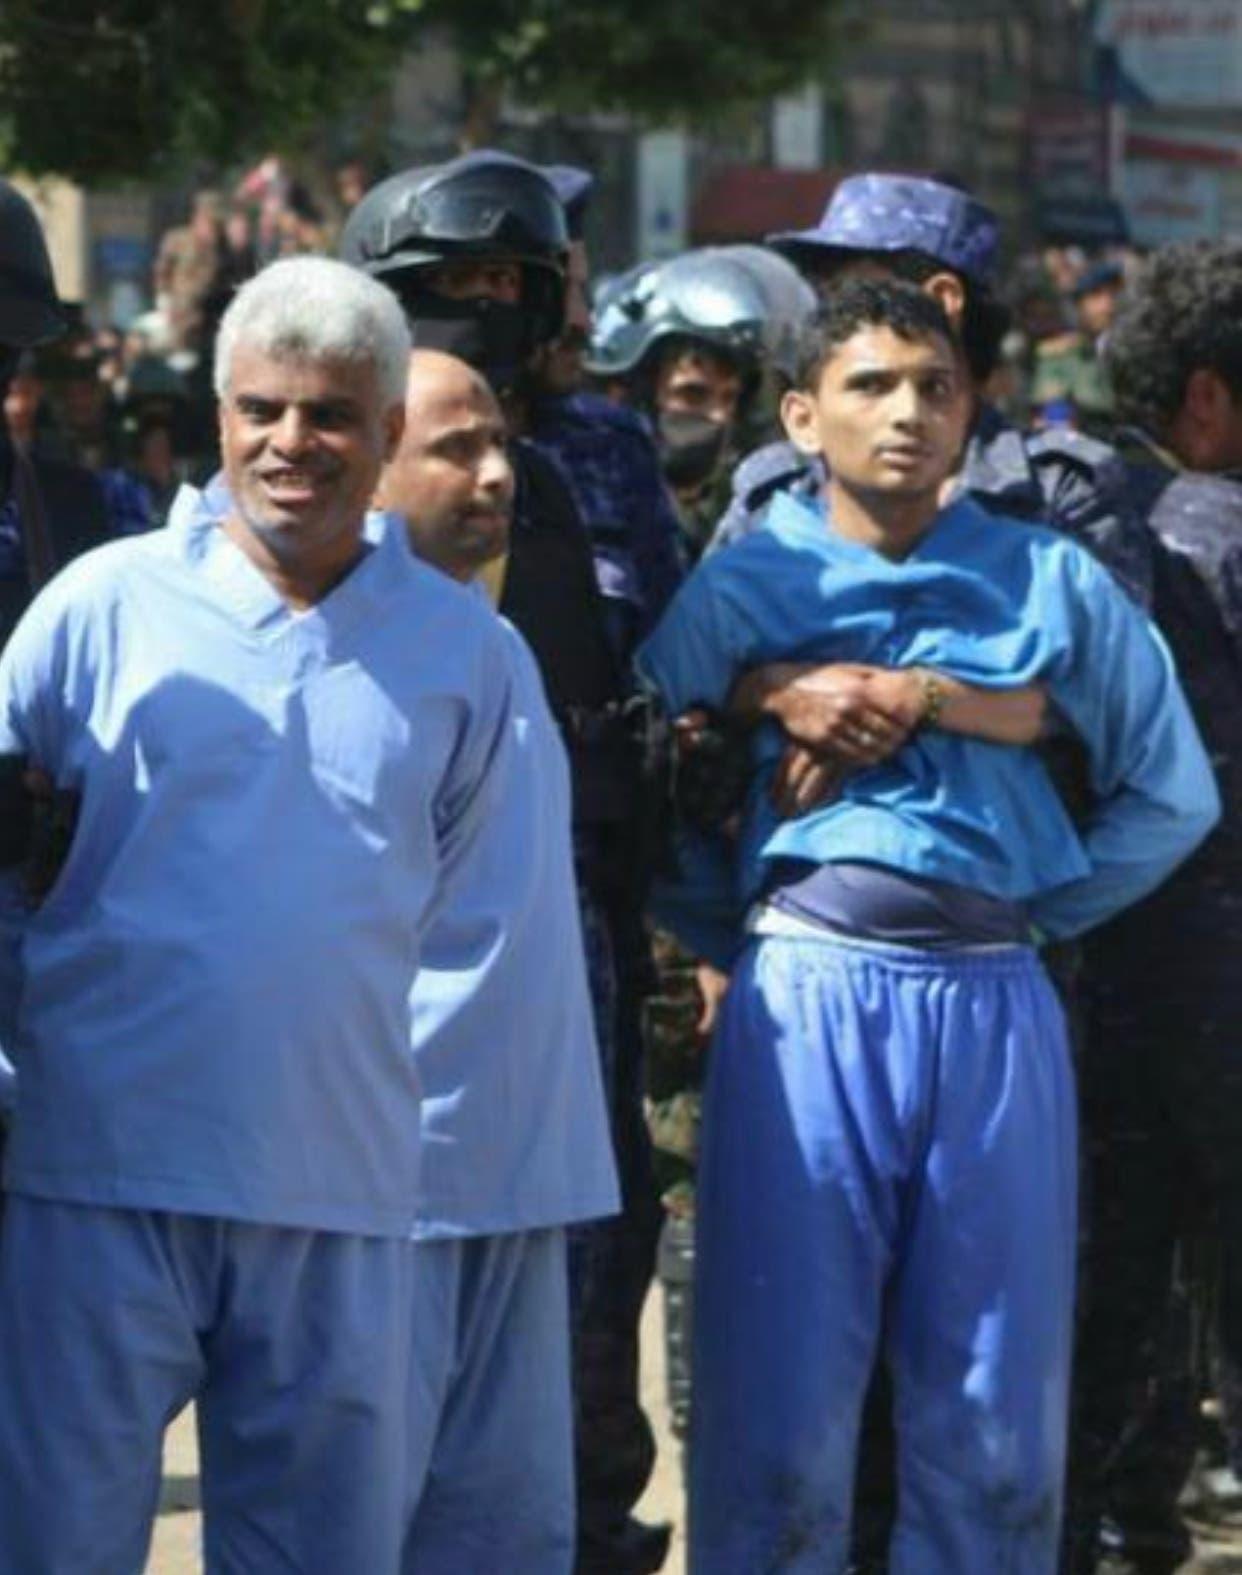 الطفل الذي أعدمته ميليشيات الحوثي اليوم السبت